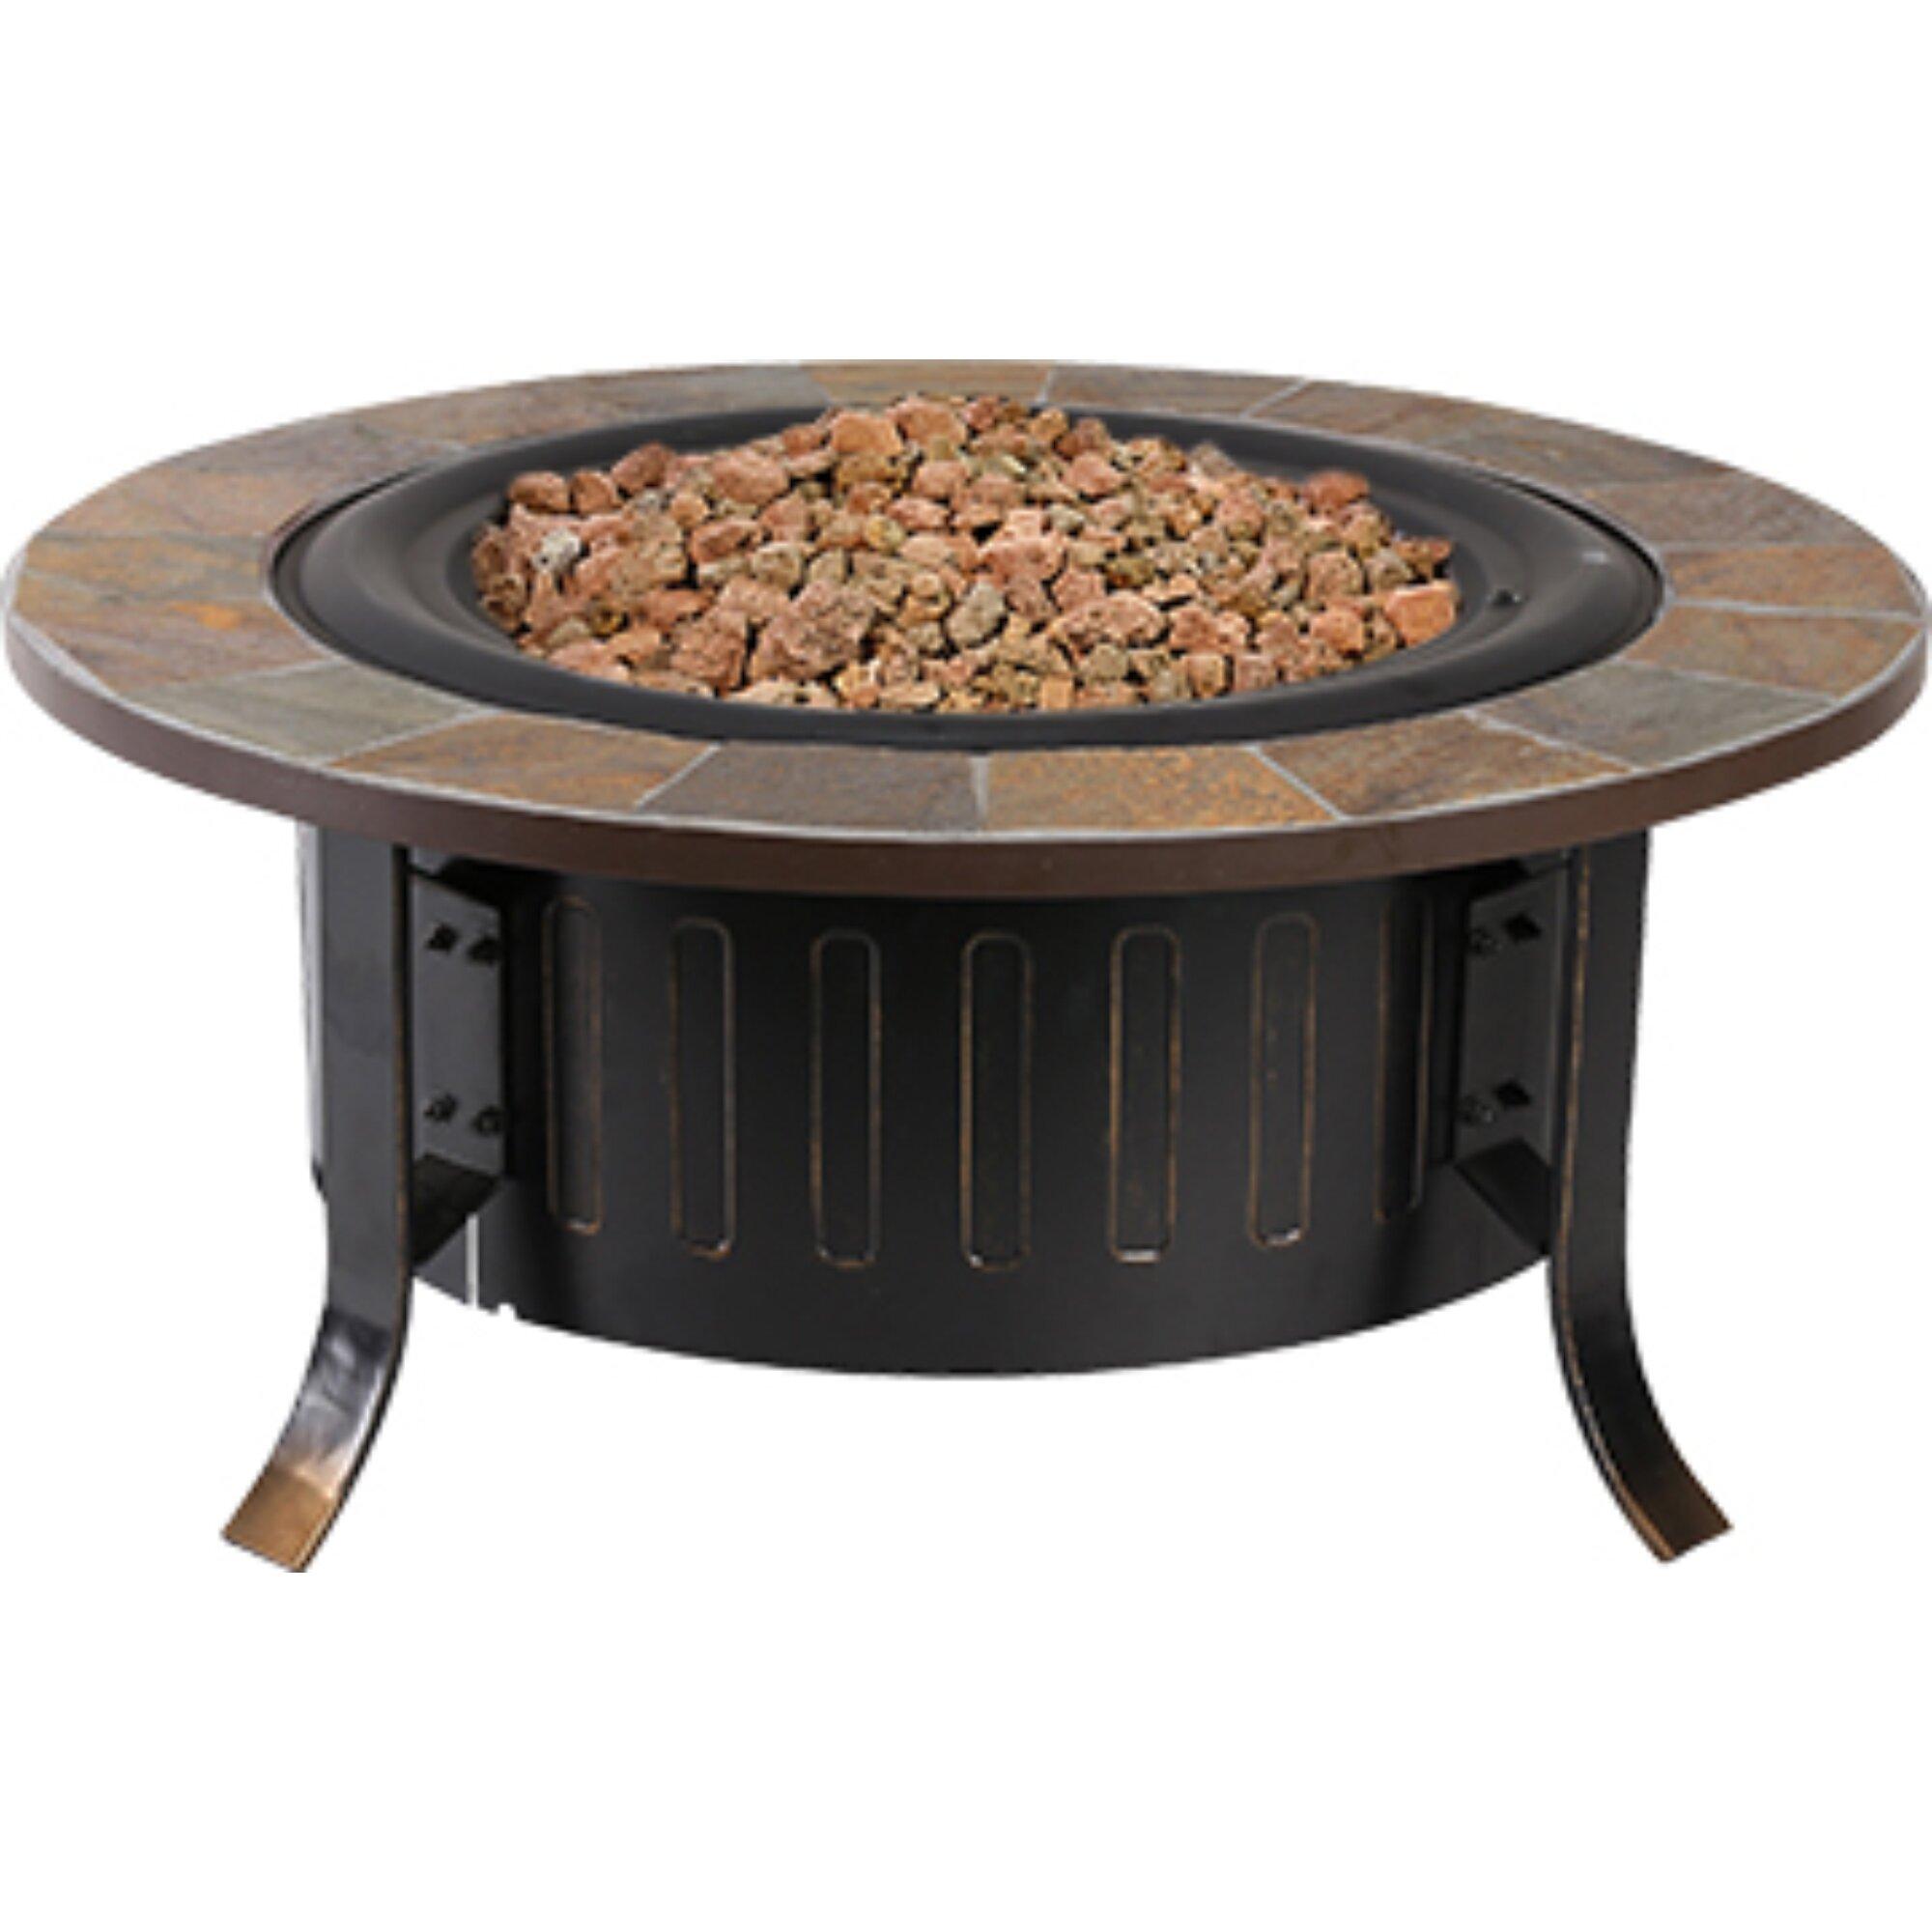 Bond Bolen Steel Outdoor Gas Table Top Fireplace Reviews Wayfair